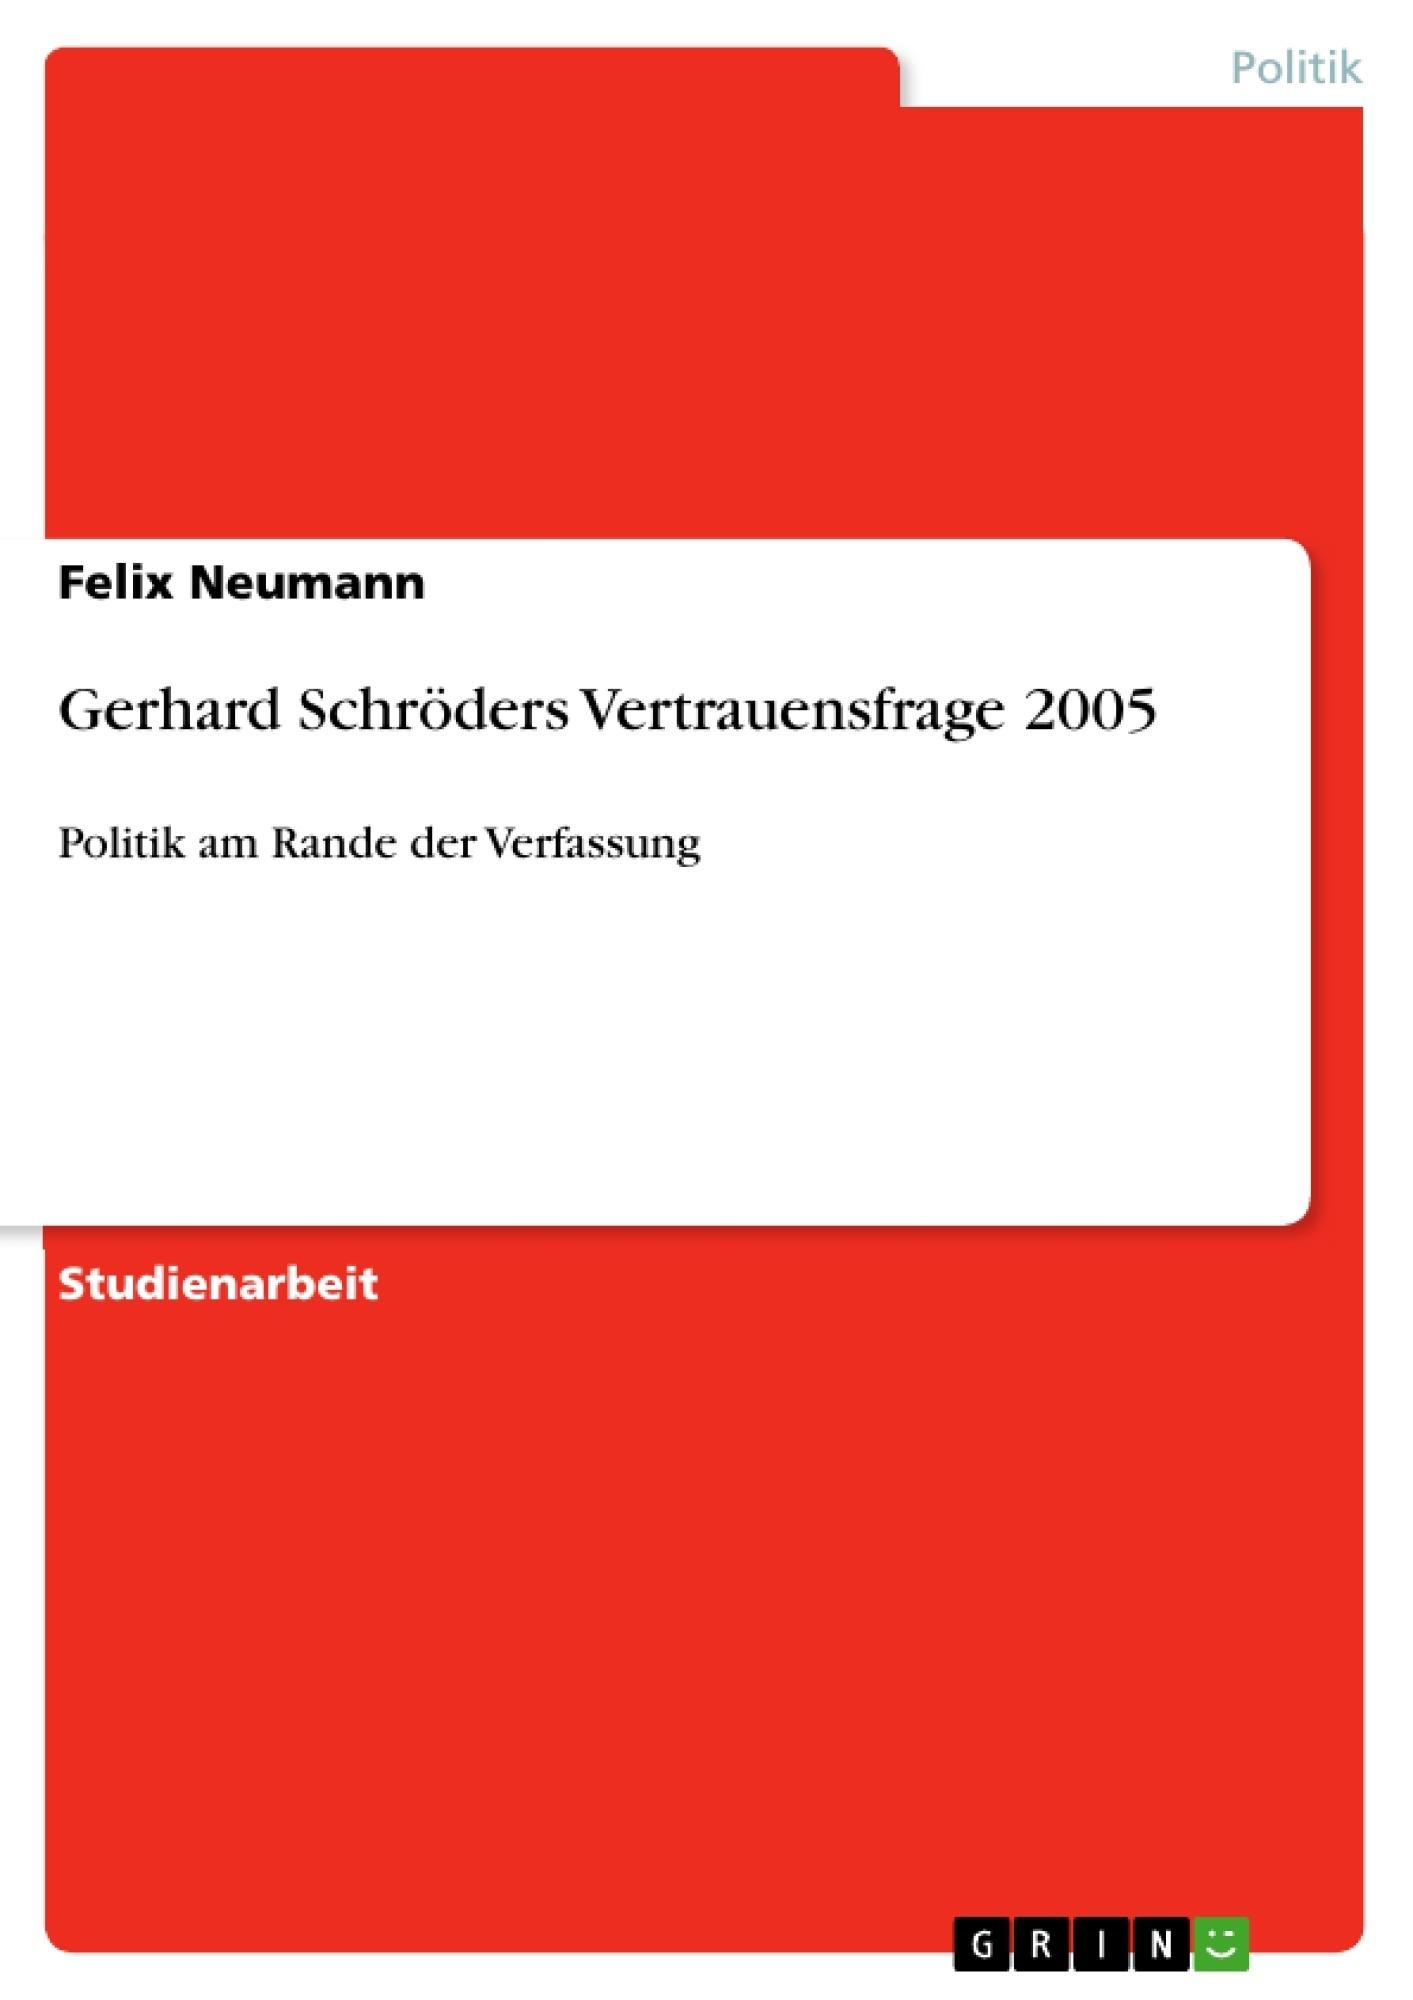 Titel: Gerhard Schröders Vertrauensfrage 2005